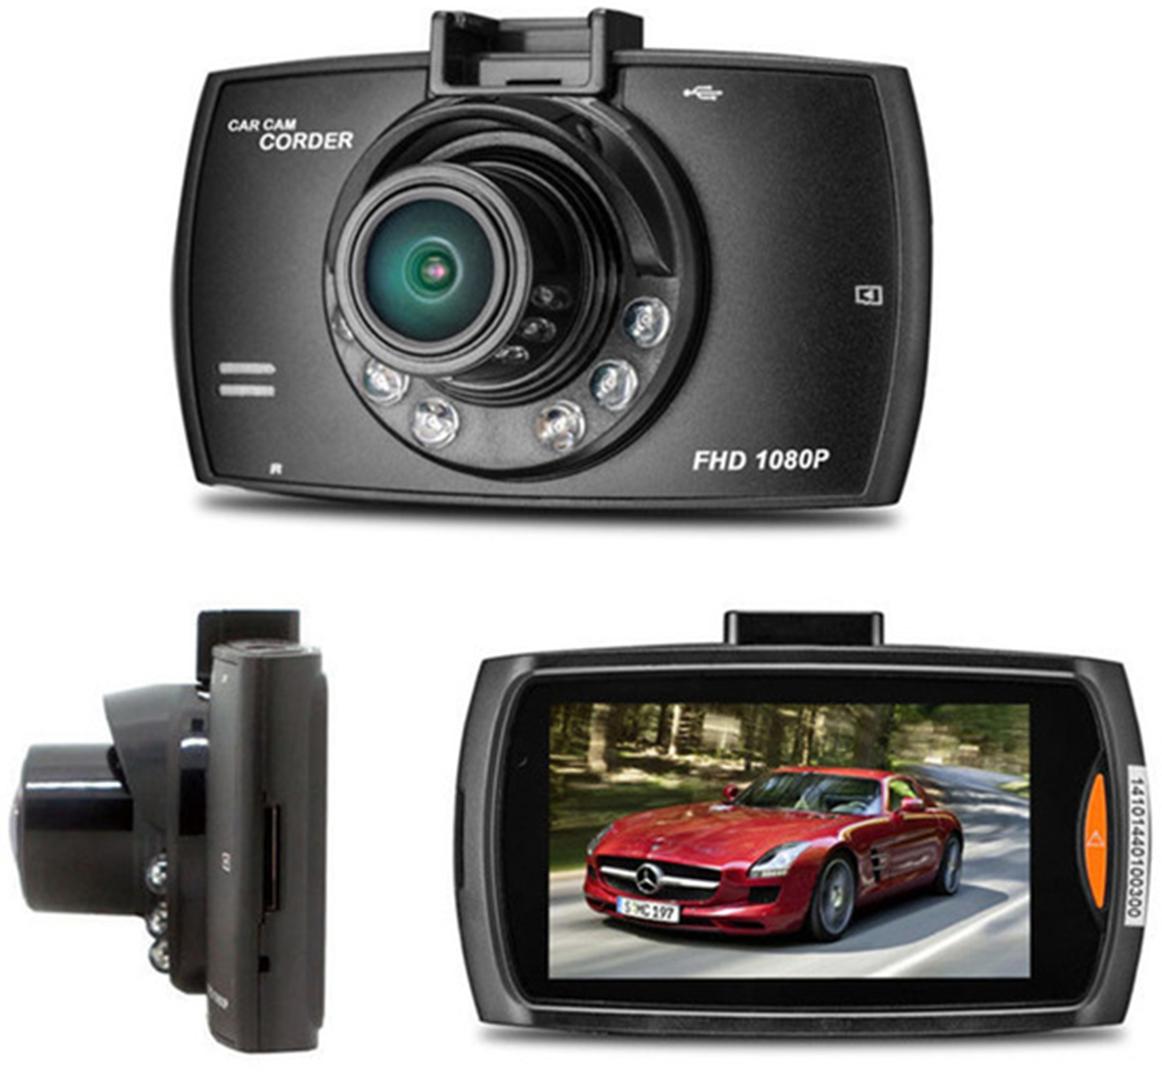 Автомобильный видео регистратор Black Box G30 Pro, FULL HD, LCD 2.7,  ночная съемка, датчик движения